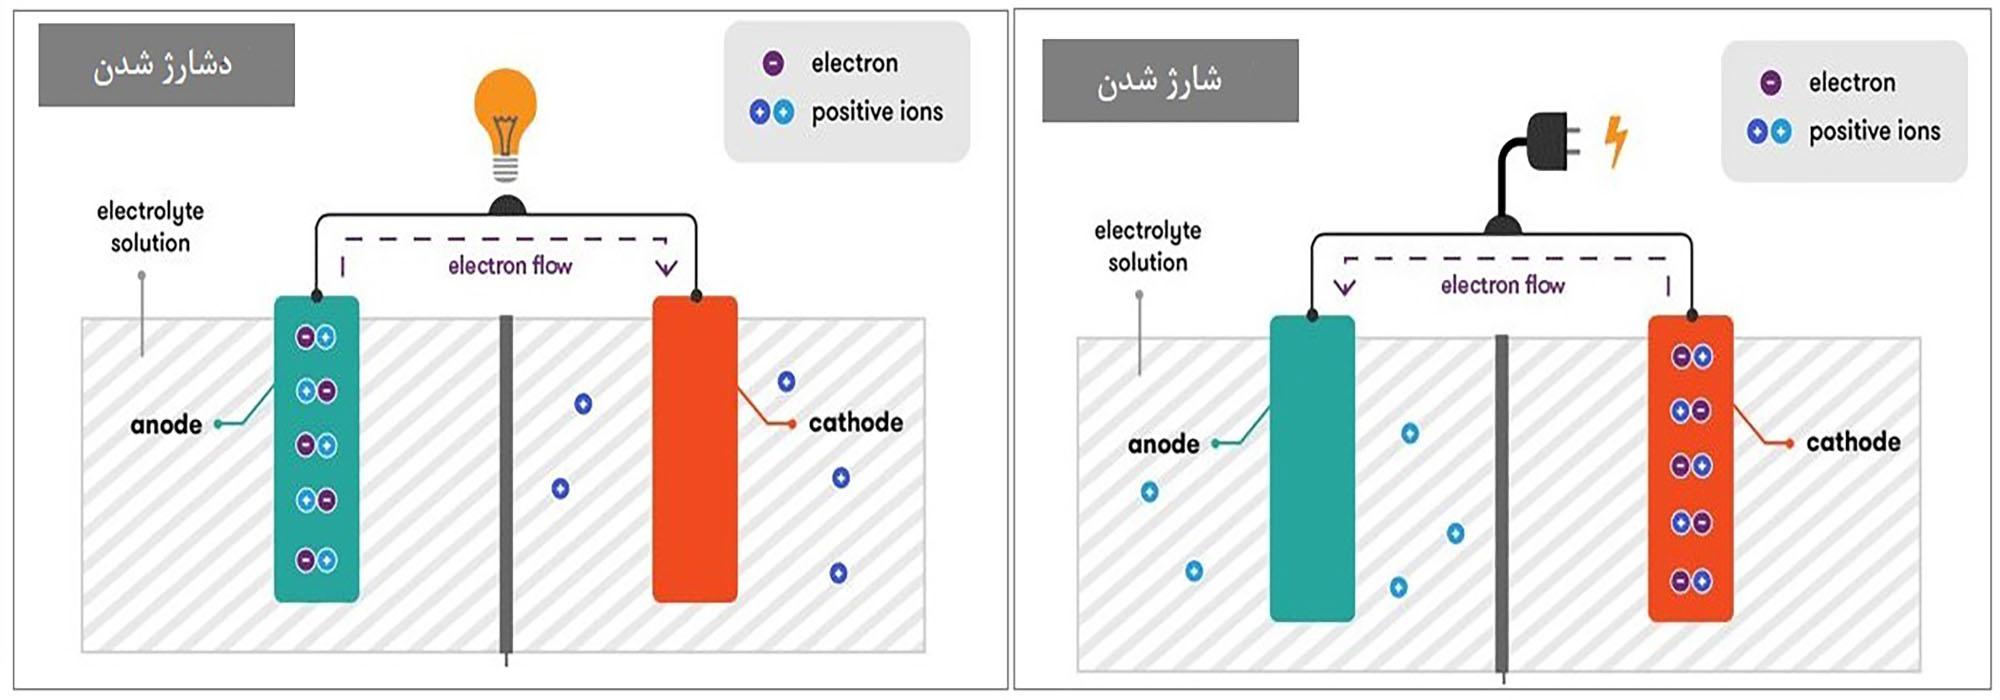 باتری سیلید اسید شارژ و دشارژ